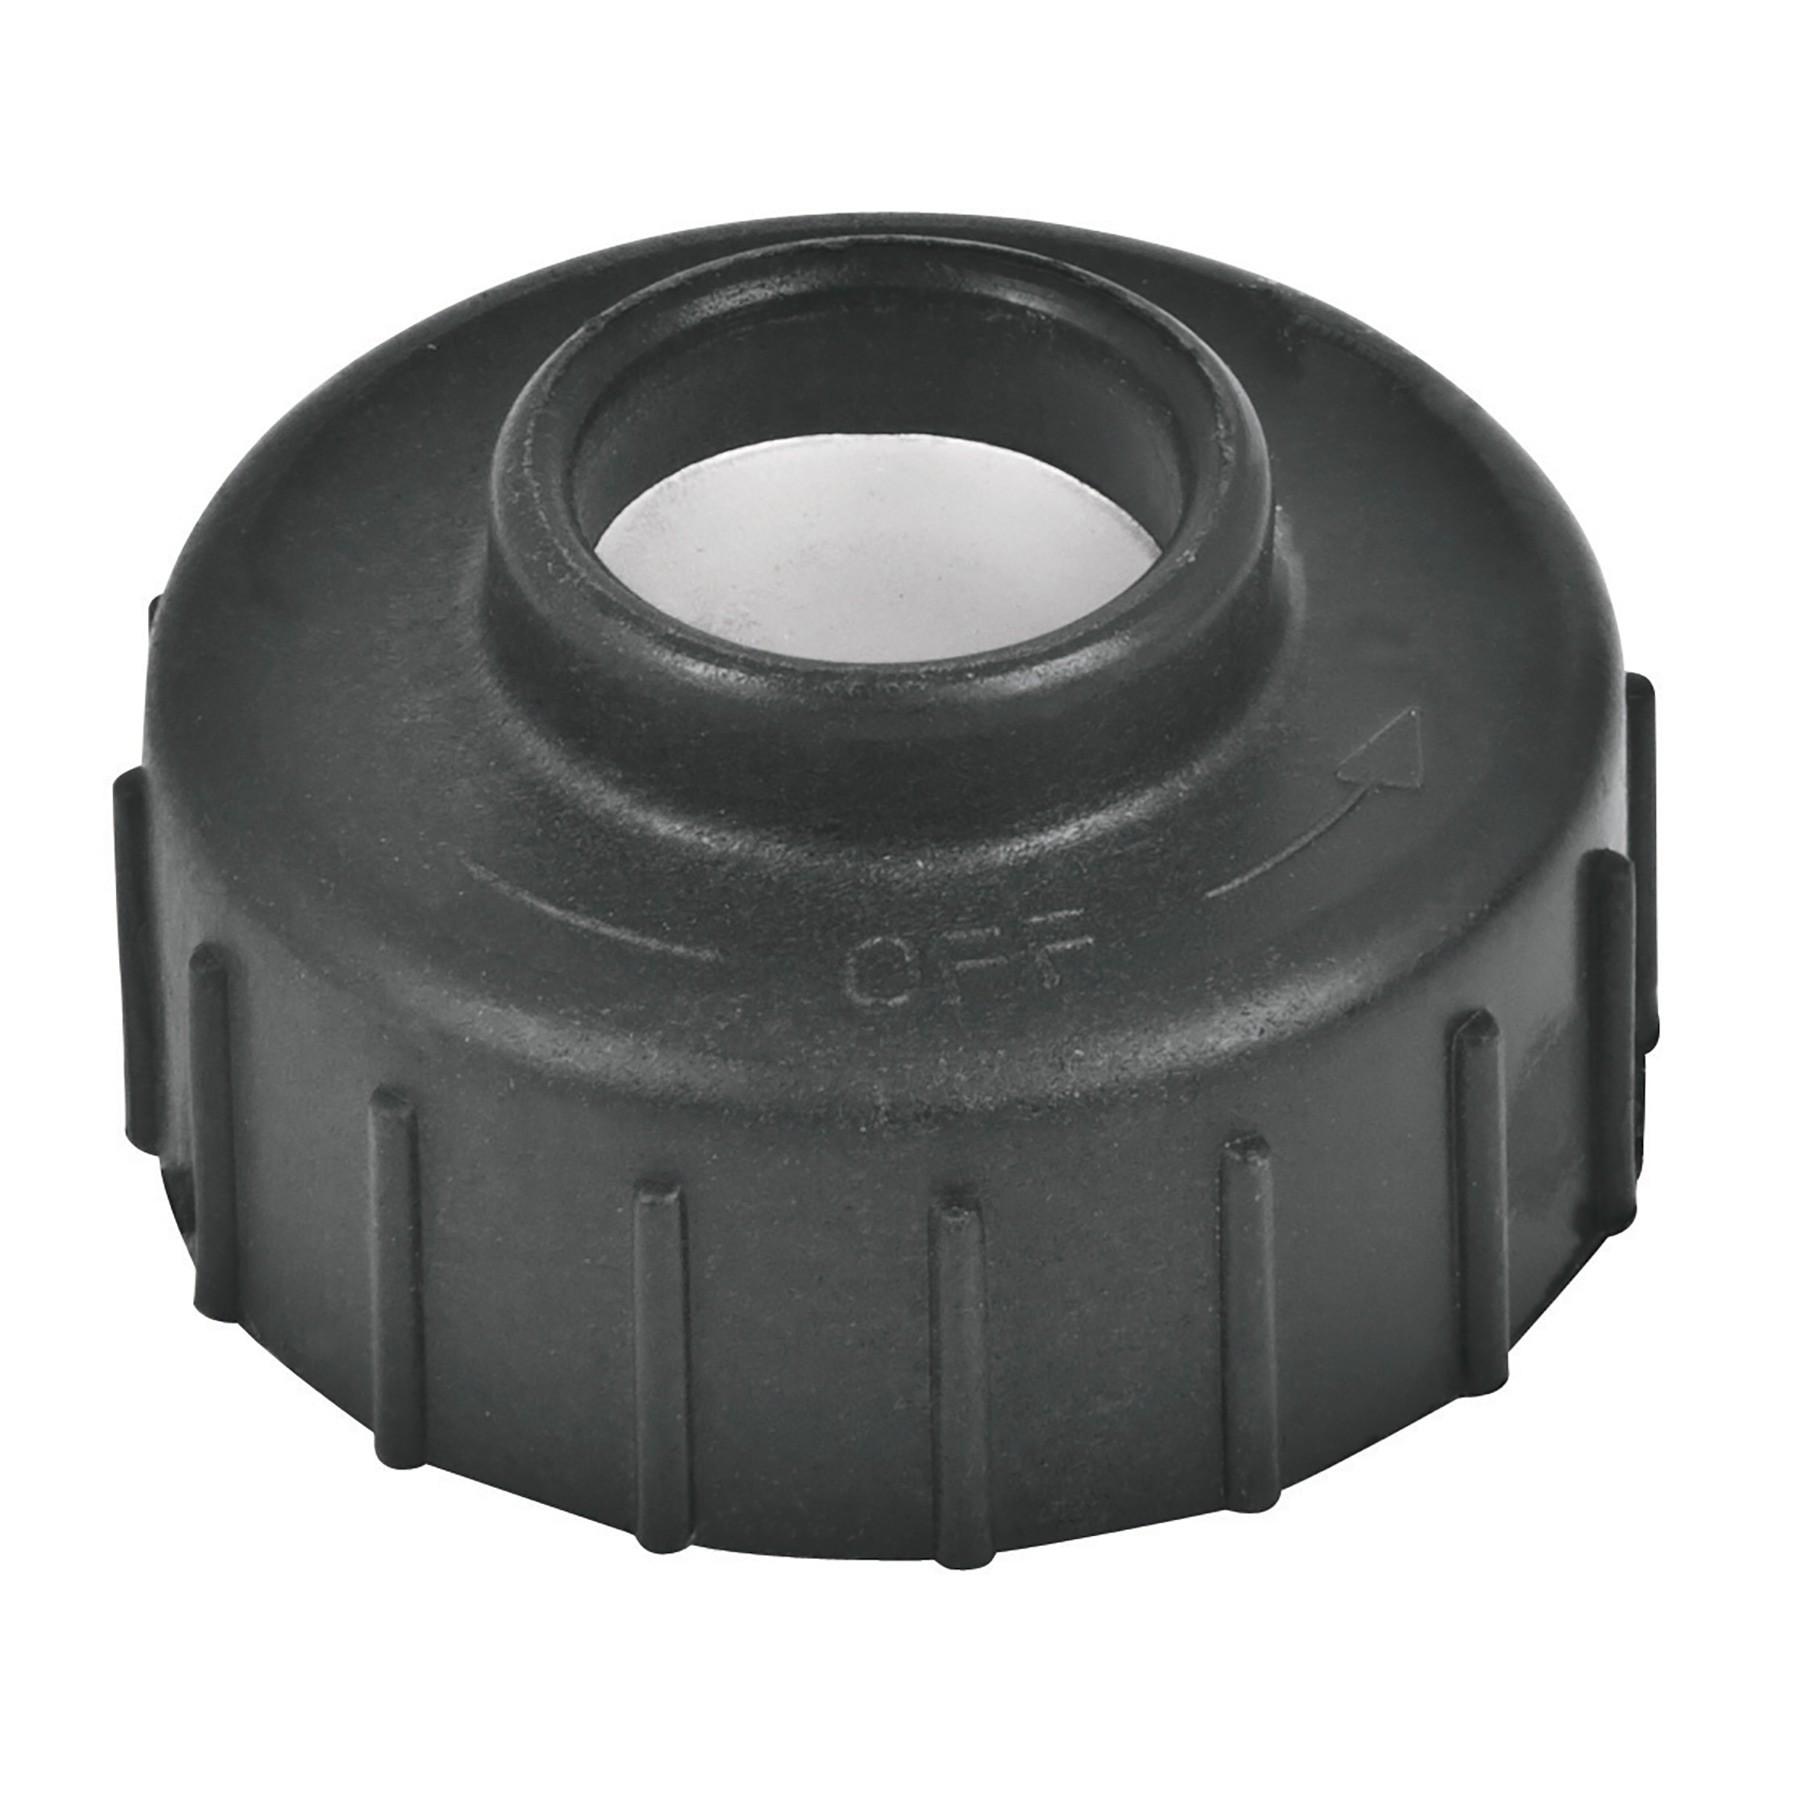 Retenedor de repuesto de carrete para desbrozadoras DES-600